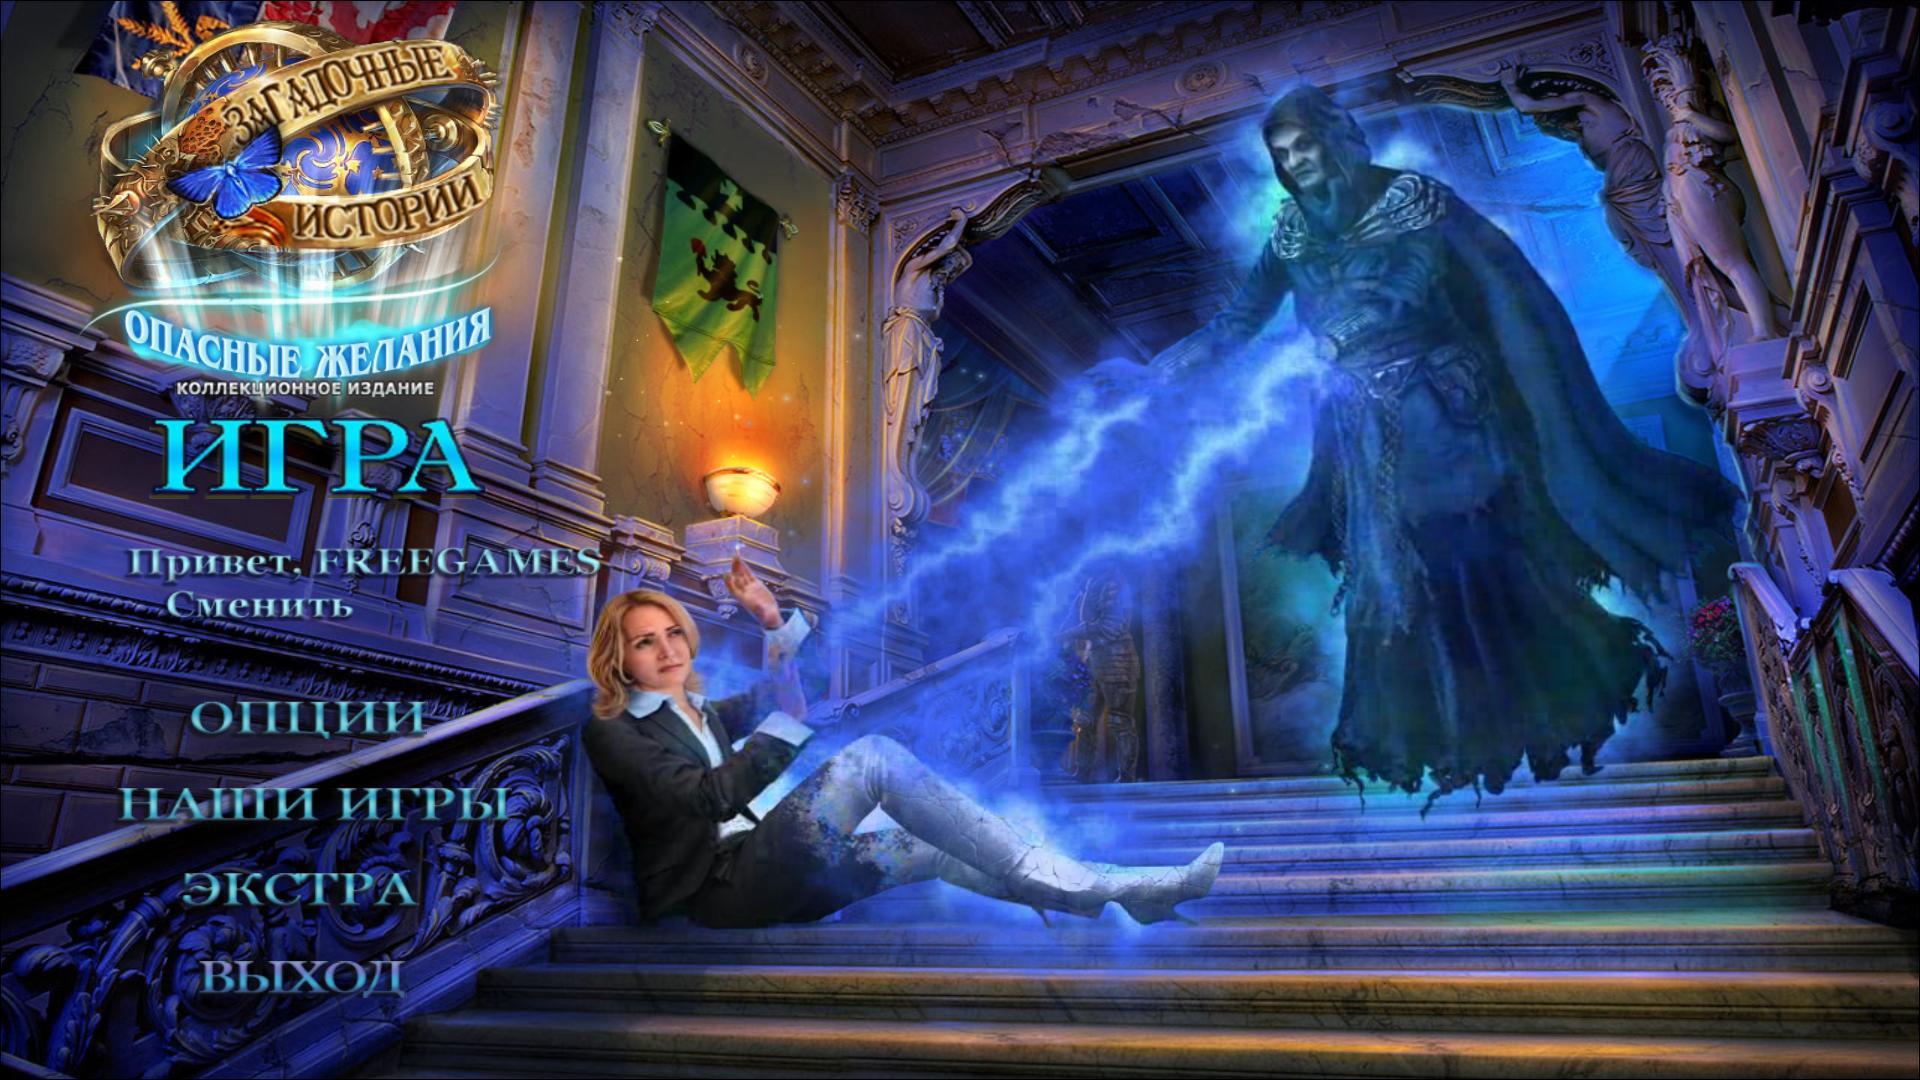 Загадочные истории 8: Опасные желания. Коллекционное издание | Mystery Tales 8: Dangerous Desires CE (Rus)